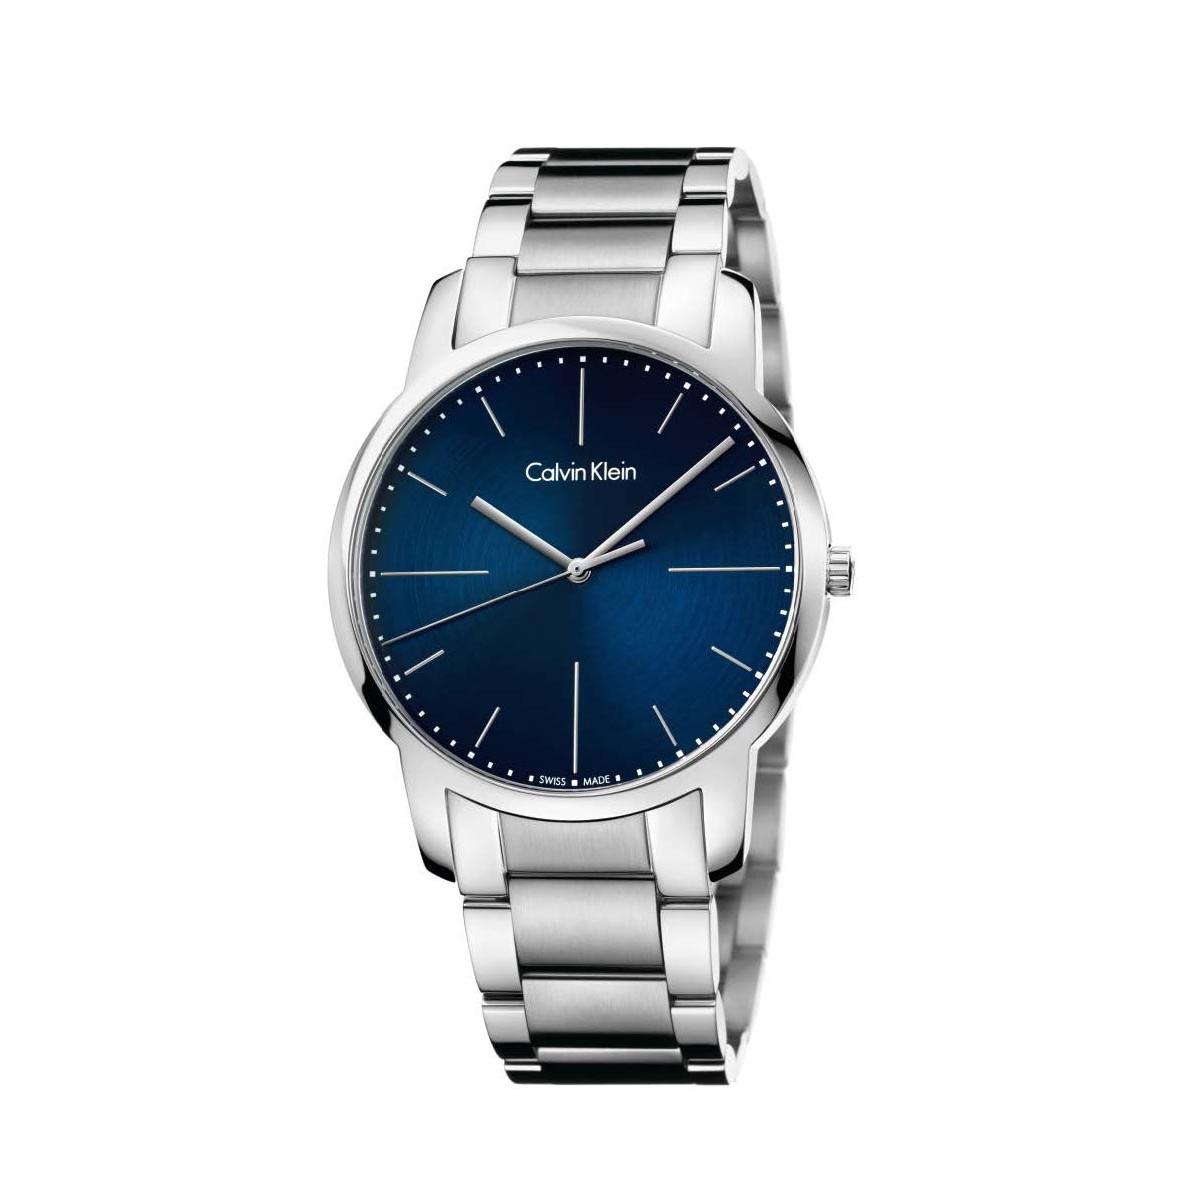 Đồng hồ Calvin Klein K2G2G1ZN Nam 43mm, Quartz (Pin), Thép không gỉ